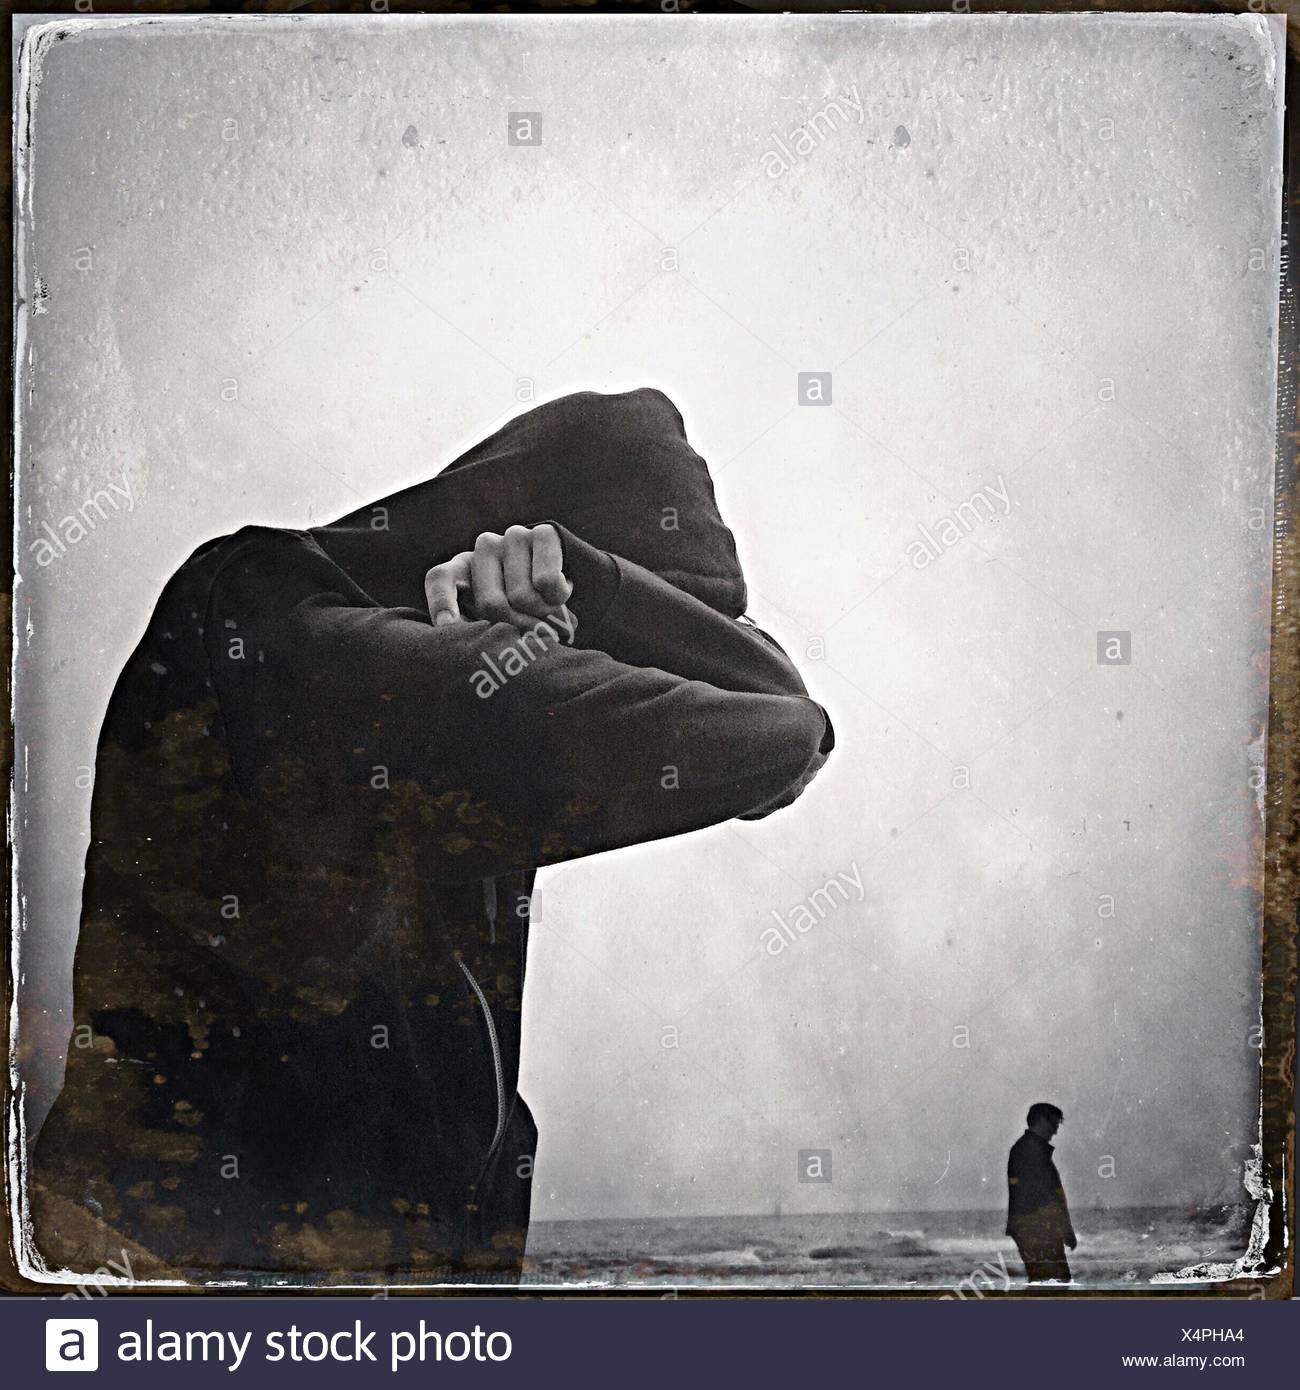 Vista laterale dell'uomo nascondendo la faccia contro il mare Immagini Stock